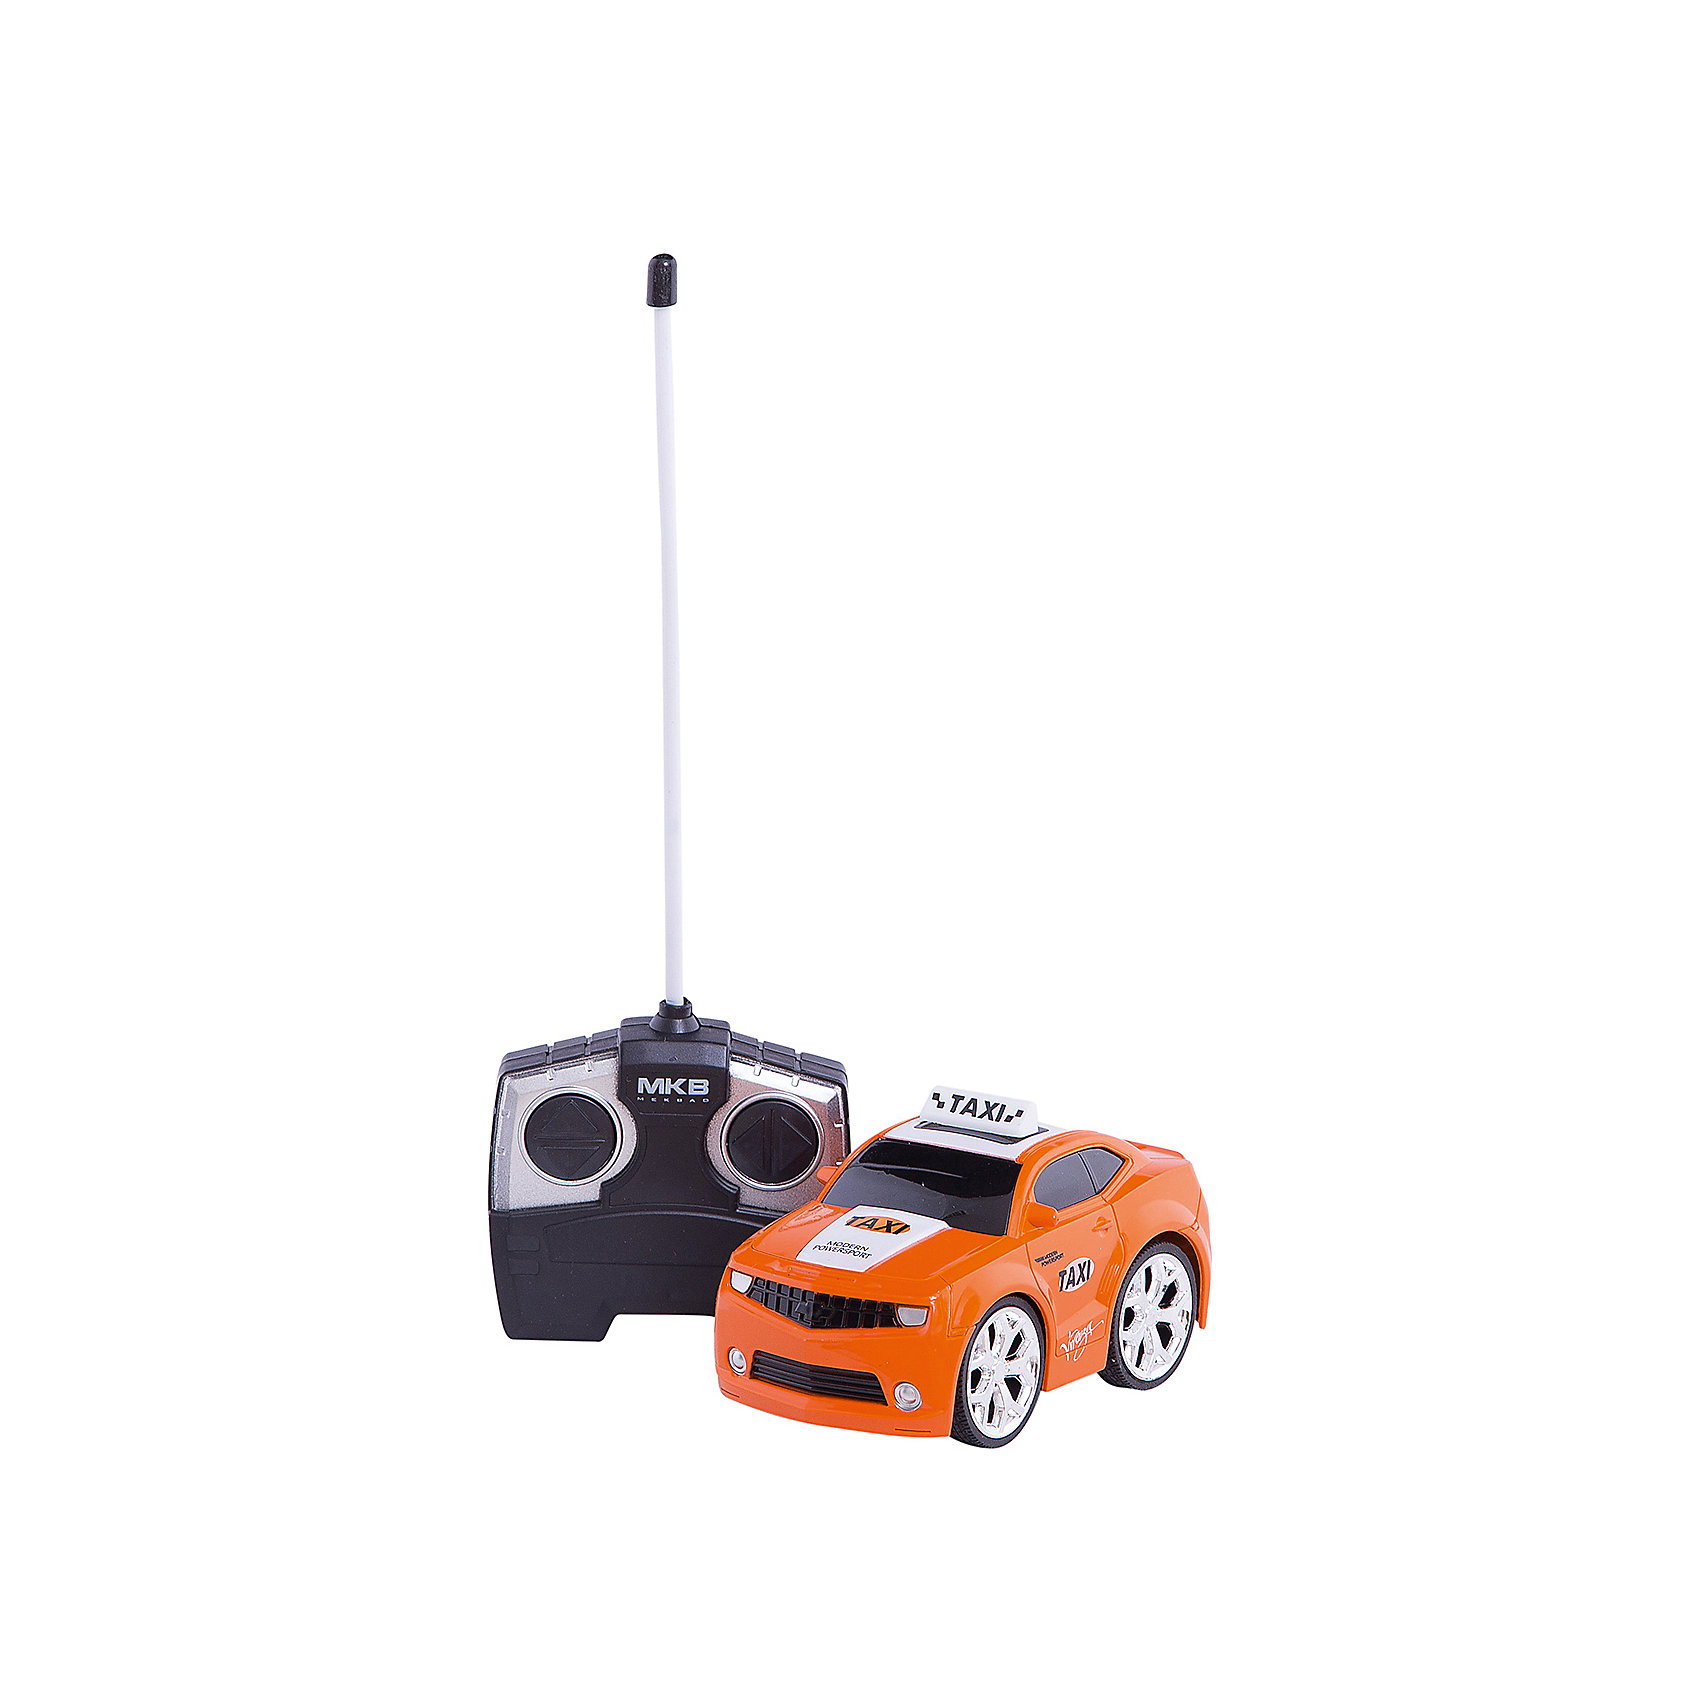 Машинка на радиоуправлении Taxi Car, оранжевая, Blue SeaРадиоуправляемый транспорт<br>Машинка на радиоуправлении Taxi Car, красная, Blue Sea(Блу Сии).<br><br>Характеристики:<br><br>- Цвет: красный.<br>- Состав: пластик, металл.<br>- Радиоуправляемая игрушка.<br>- В комплекте: машинка, пульт управления.<br><br>Внимание: элементы питания в комплект не входят!<br><br>Машинка на радиоуправлении Taxi Car, красная – это один из представителей яркой серии машинок Mini Car от бренда Blue Sea (Блу Сии). Она проста в управлении, двигается вперед, назад, влево и вправо. Для того, чтобы начать играть, достаточно просто докупить элементы питания для машинки и пульта управления. Вашему малышу обязательно понравятся простота управления и необычный дизайн в виде машинки - такси.<br><br>Машинку на радиоуправлении Taxi Car, красная, Blue Sea (Блу Сии), можно купить в нашем интернет – магазине.<br><br>Ширина мм: 210<br>Глубина мм: 110<br>Высота мм: 110<br>Вес г: 300<br>Возраст от месяцев: 36<br>Возраст до месяцев: 2147483647<br>Пол: Мужской<br>Возраст: Детский<br>SKU: 5419376